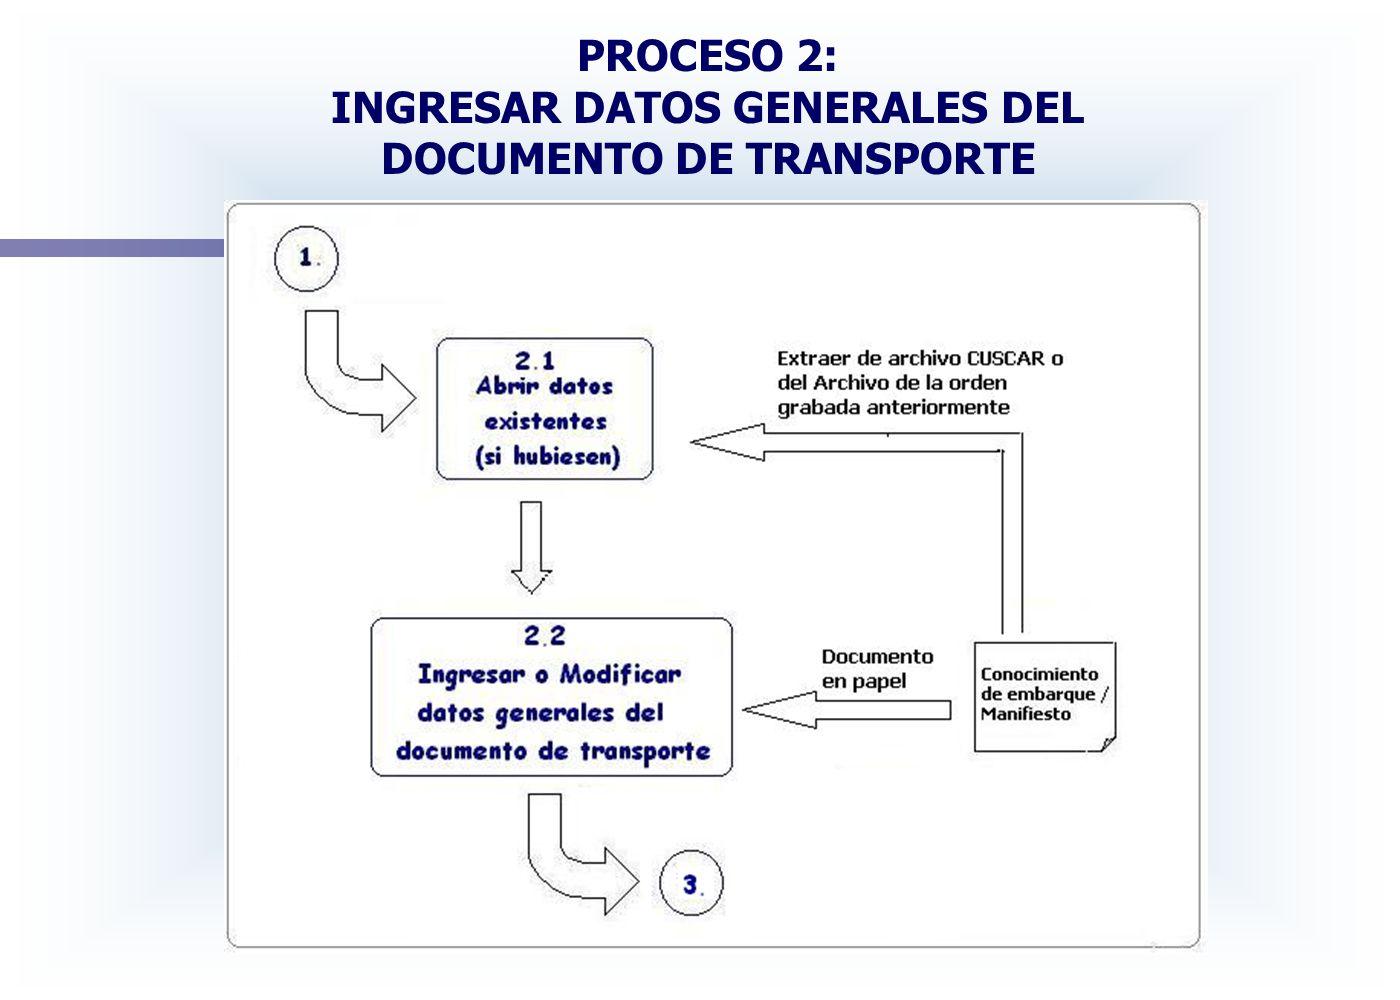 PROCESO 2: INGRESAR DATOS GENERALES DEL DOCUMENTO DE TRANSPORTE